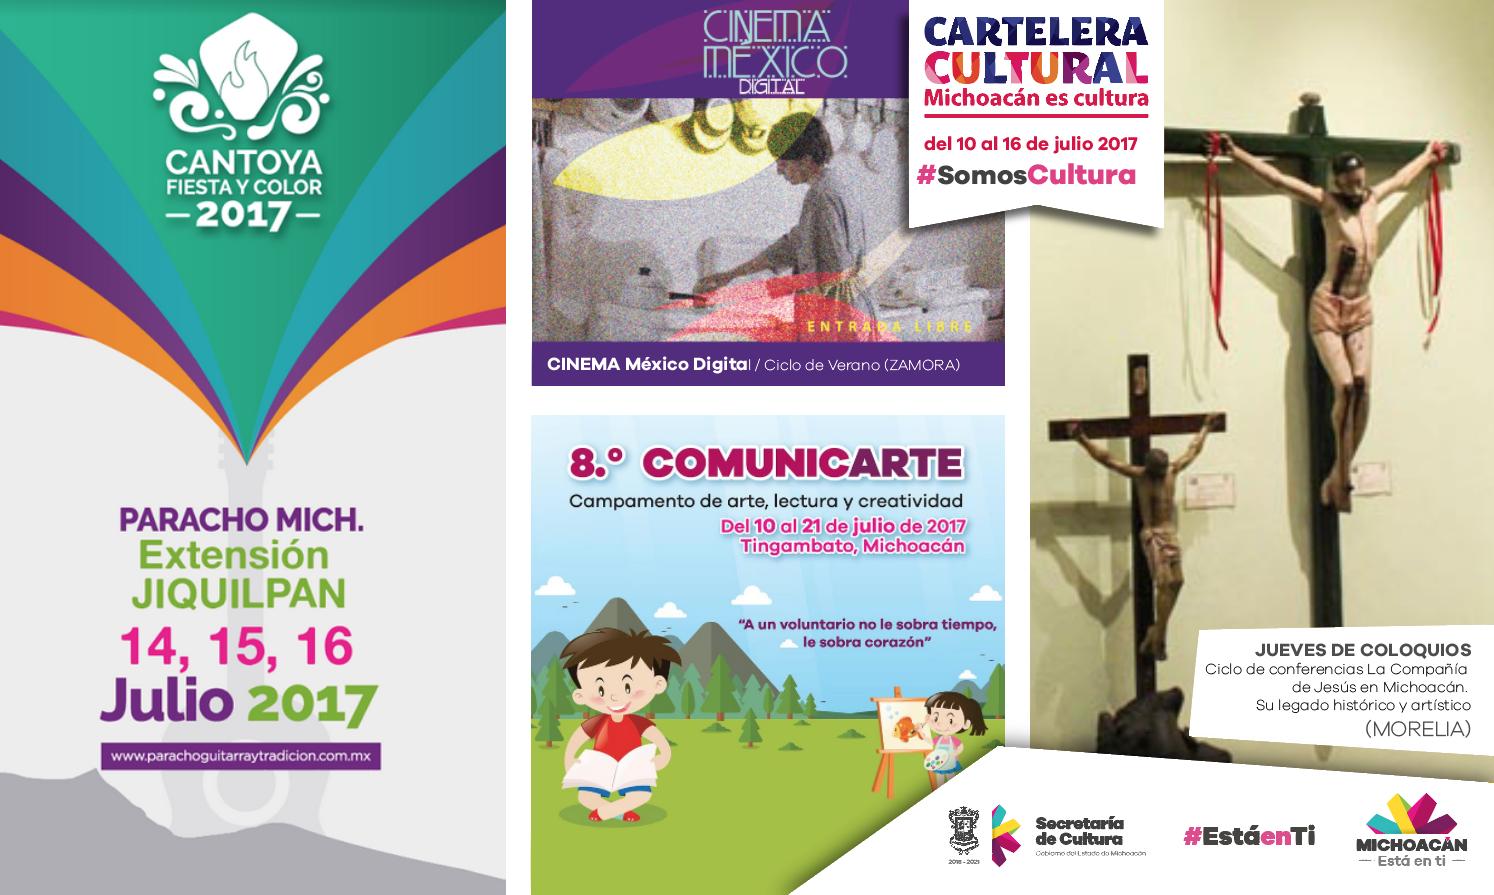 Cartelera Cultural del 10 al 16 de julio de 2017